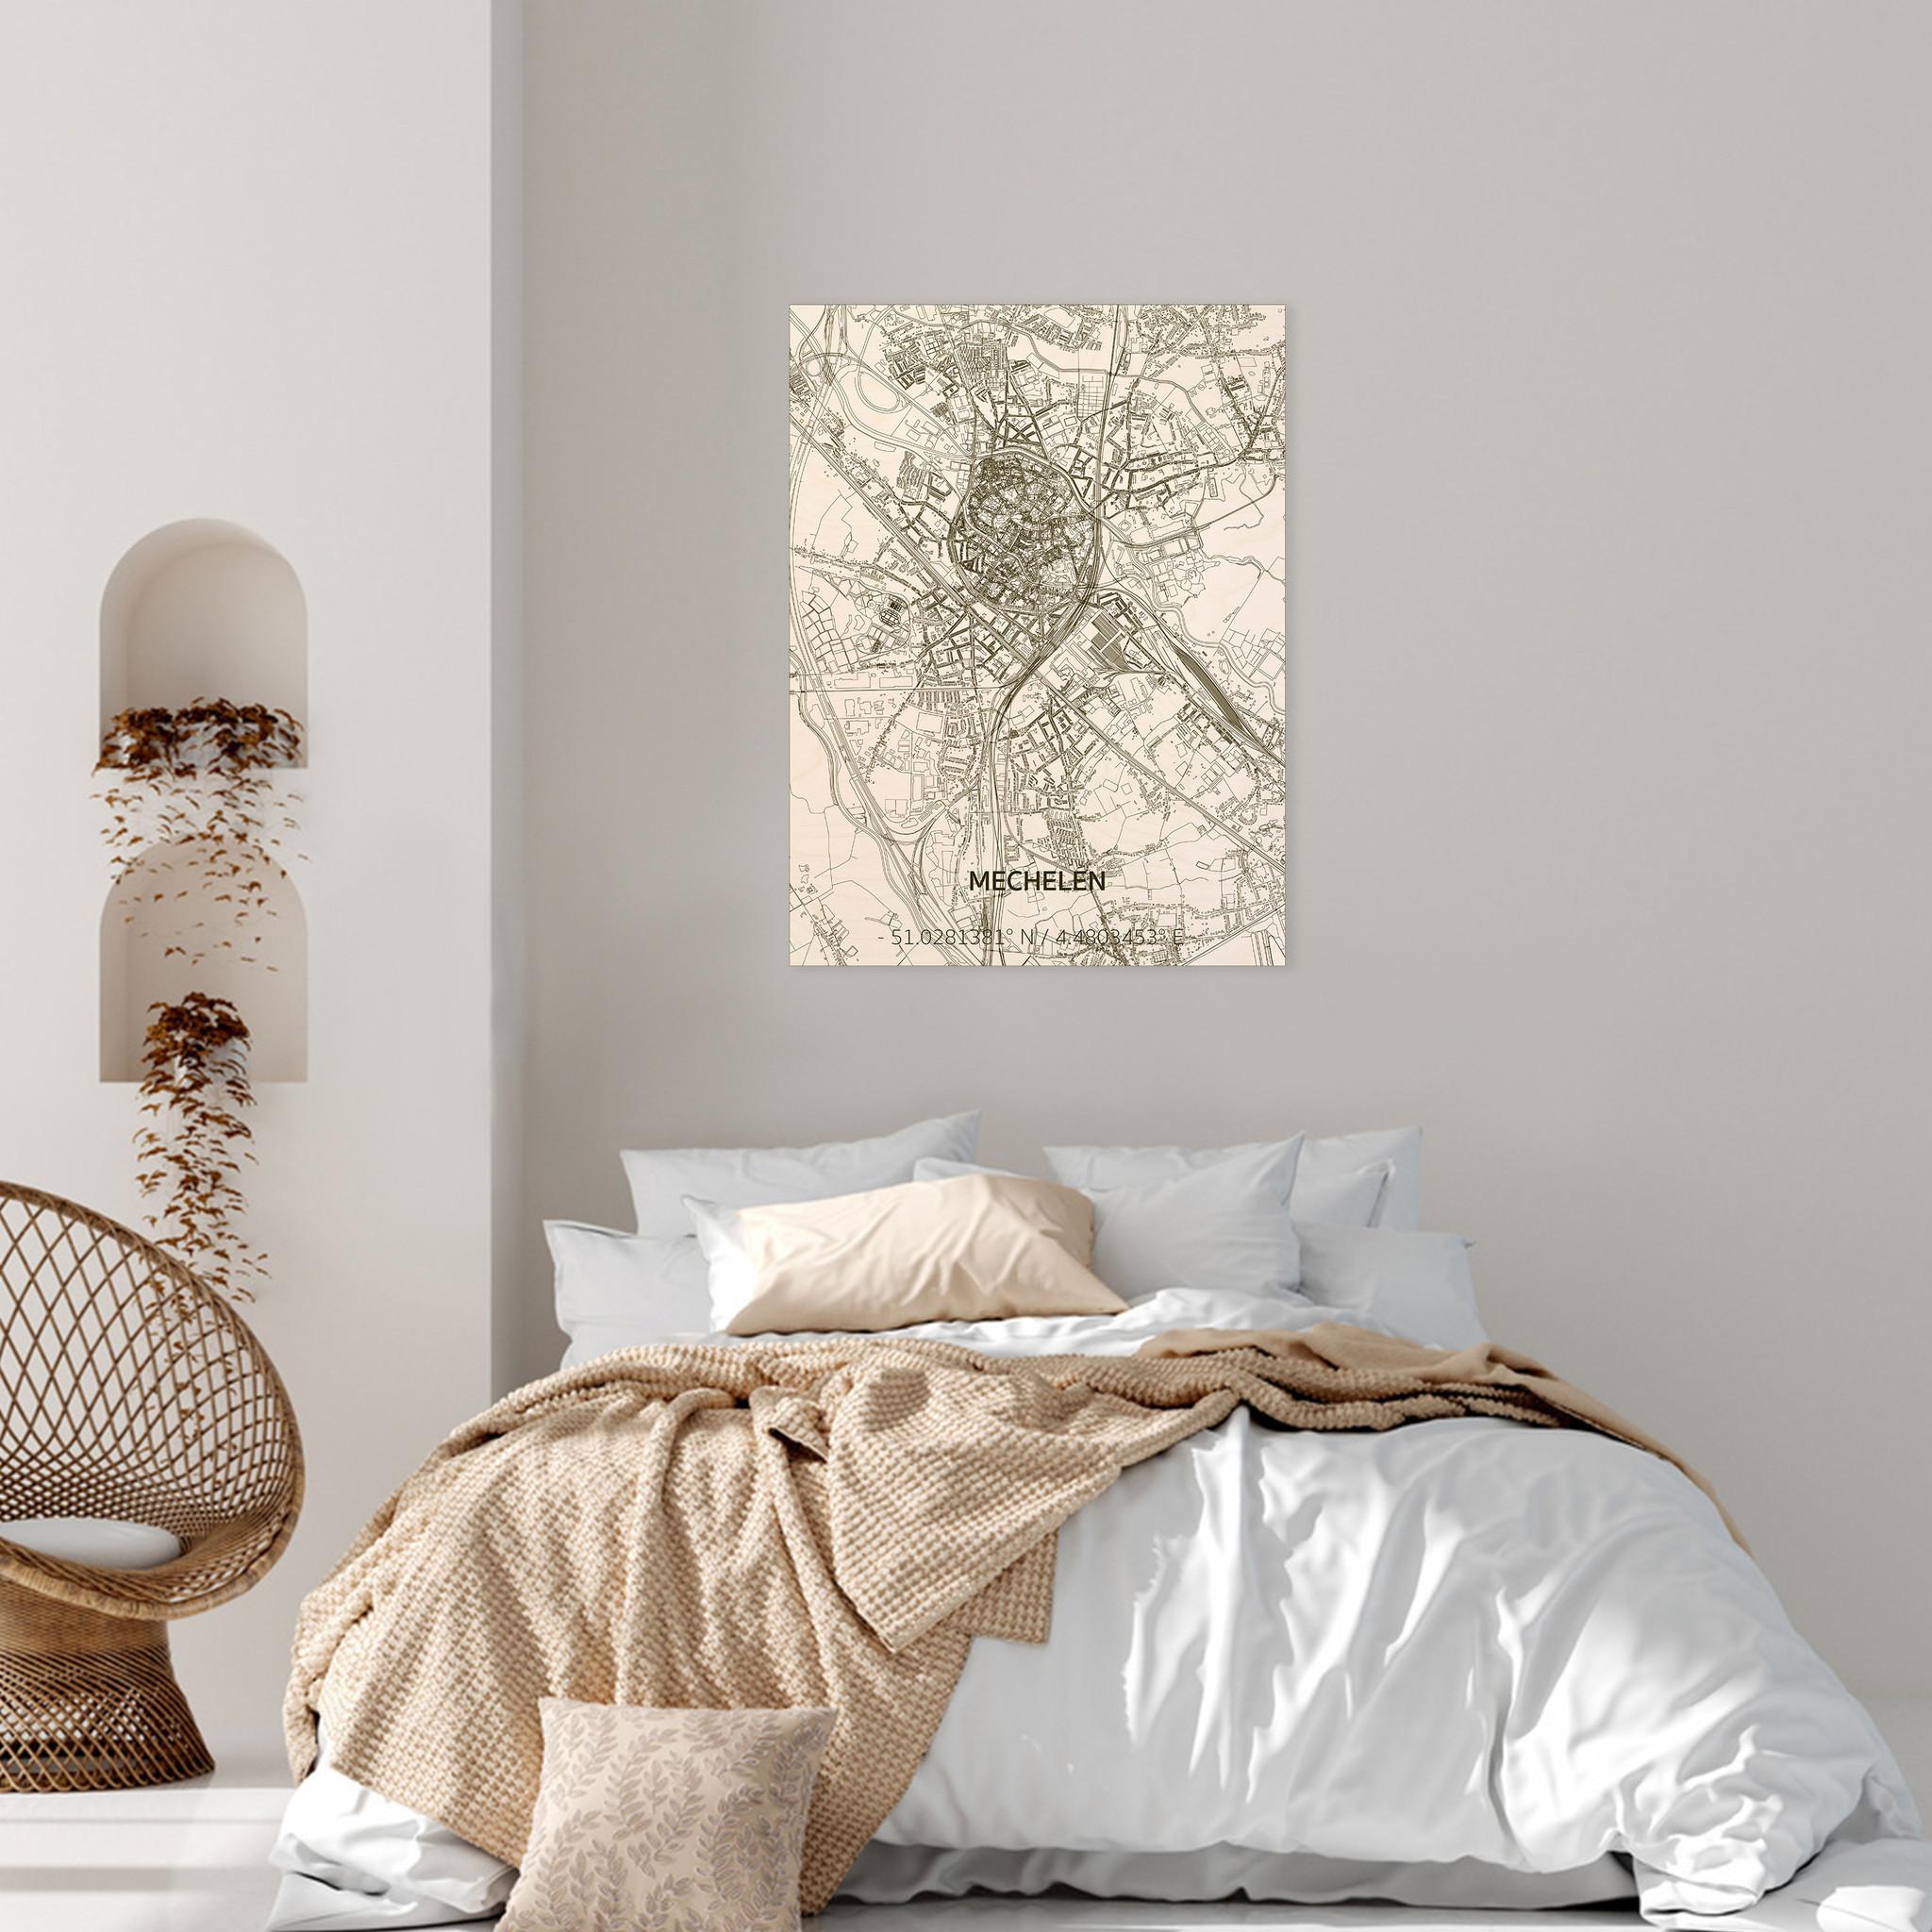 Stadtplan Mechelen | Wanddekoration Holz-2